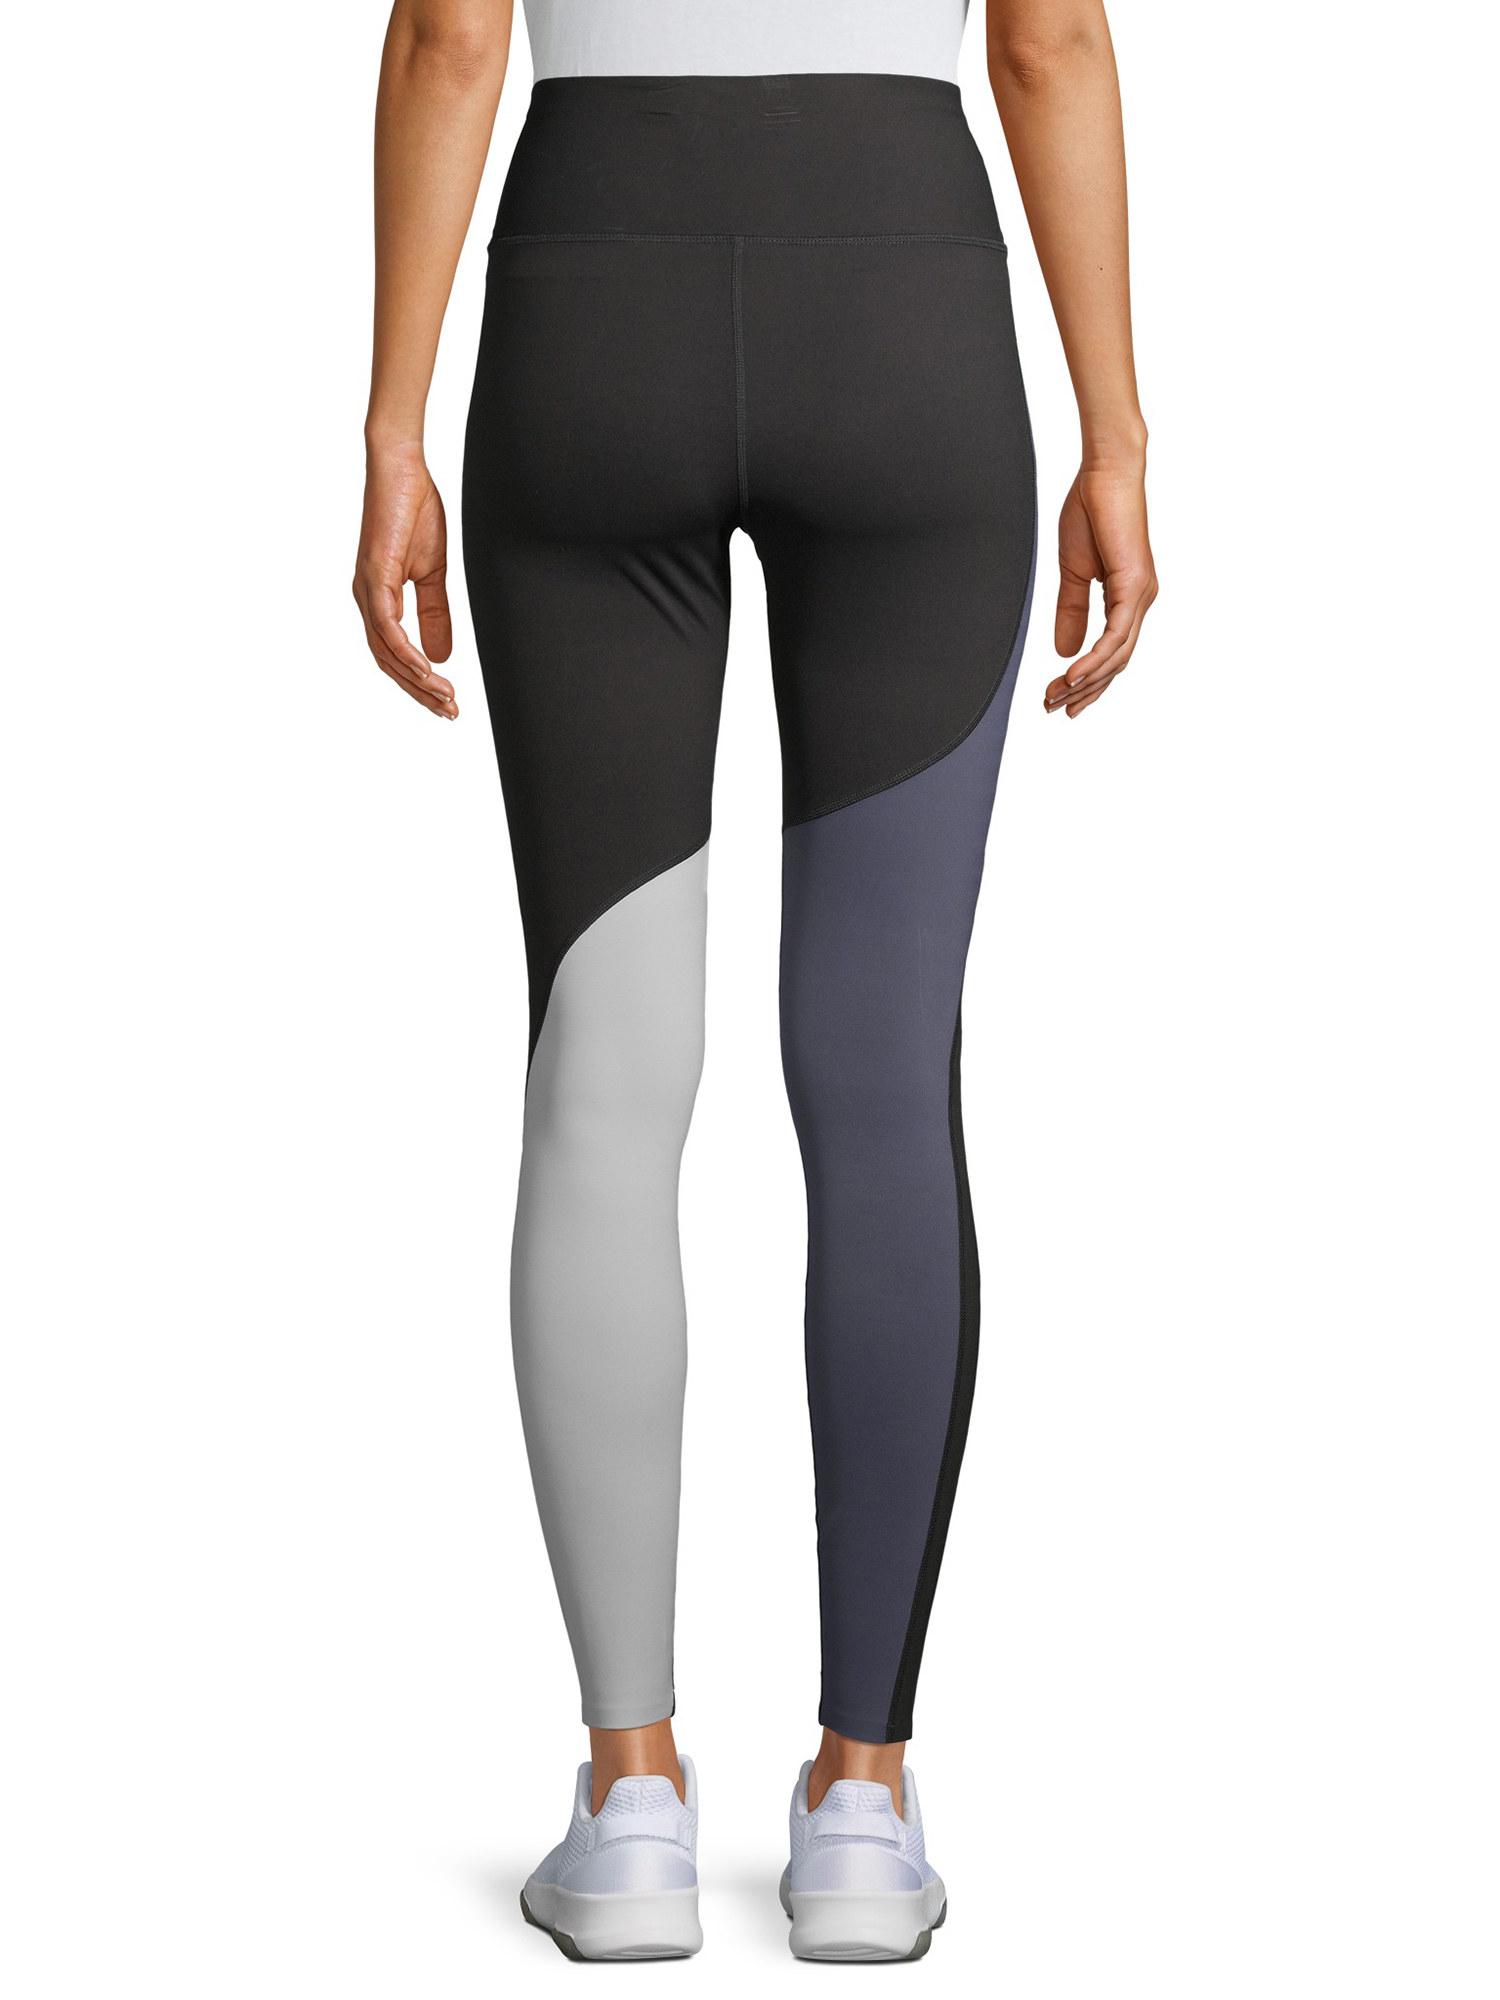 model wearing light and dark gray leggings